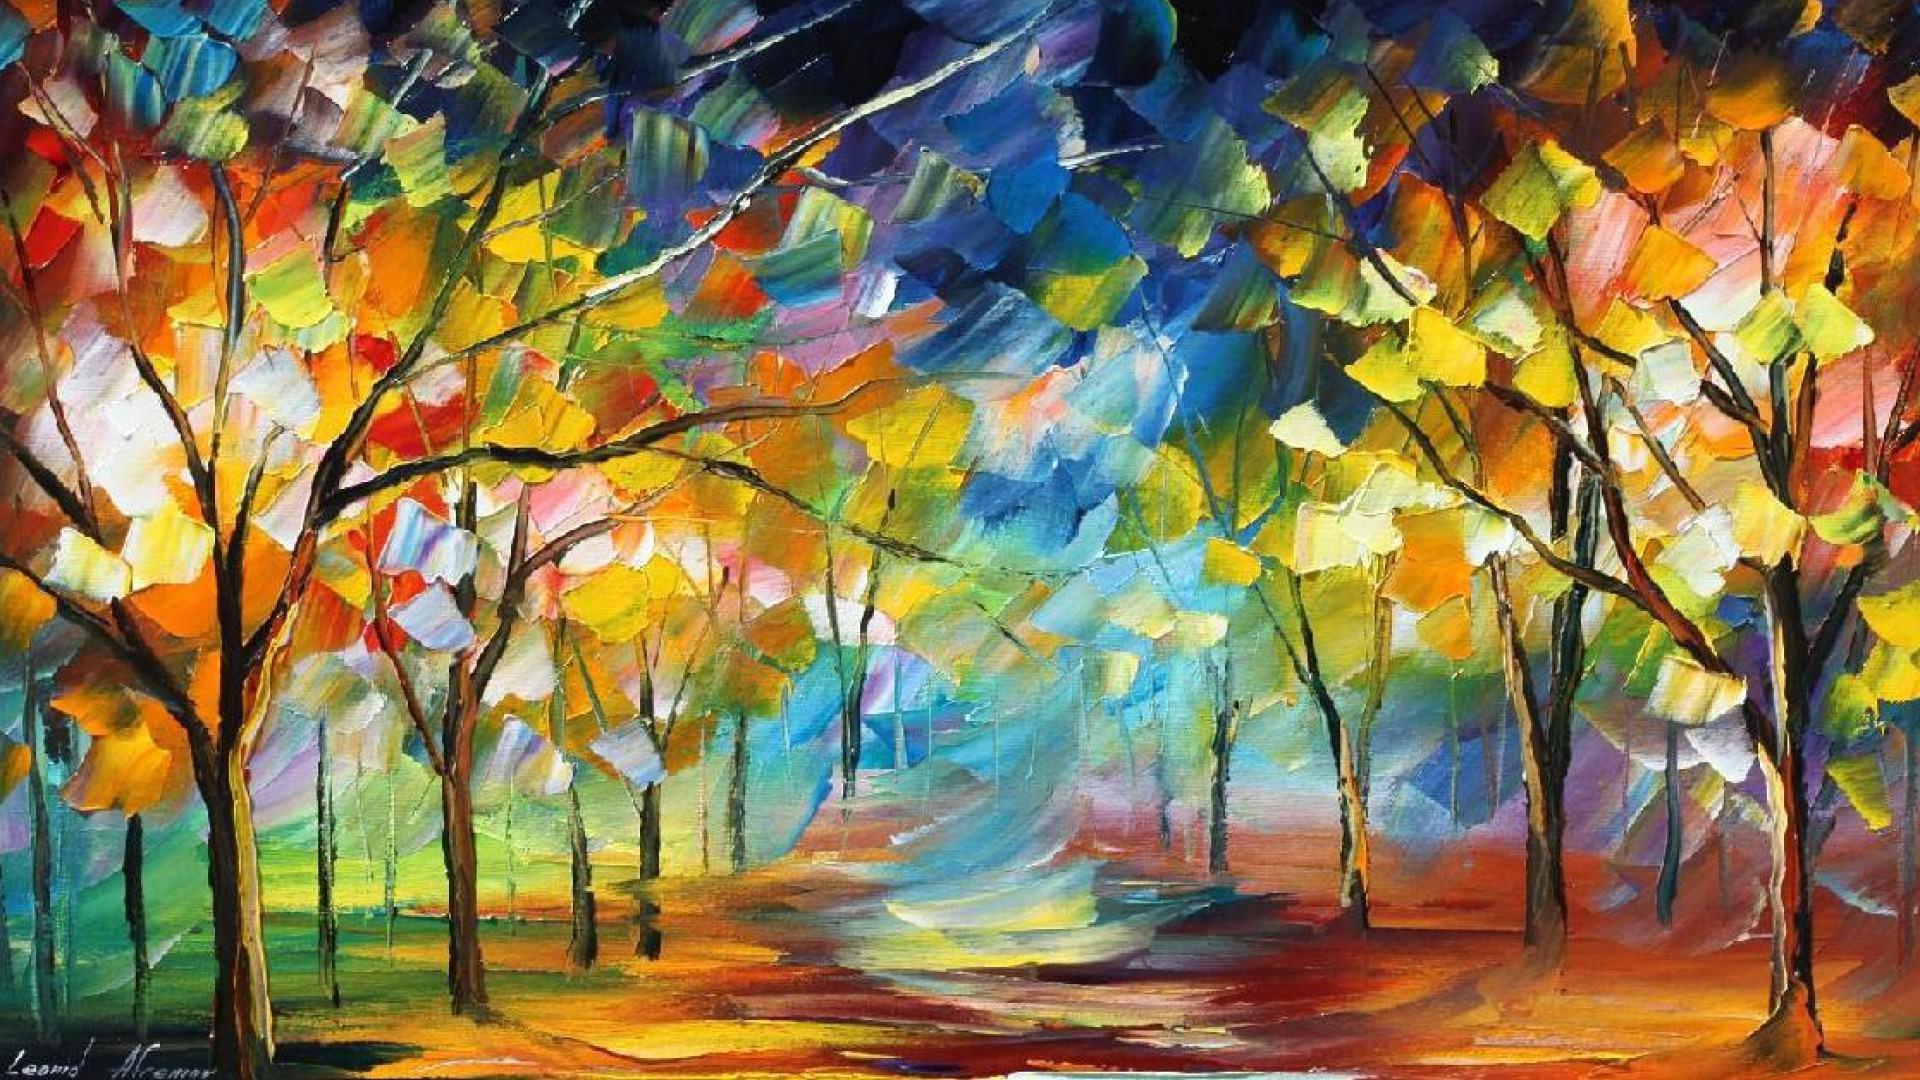 artistic wallpapers - wallpapersafari